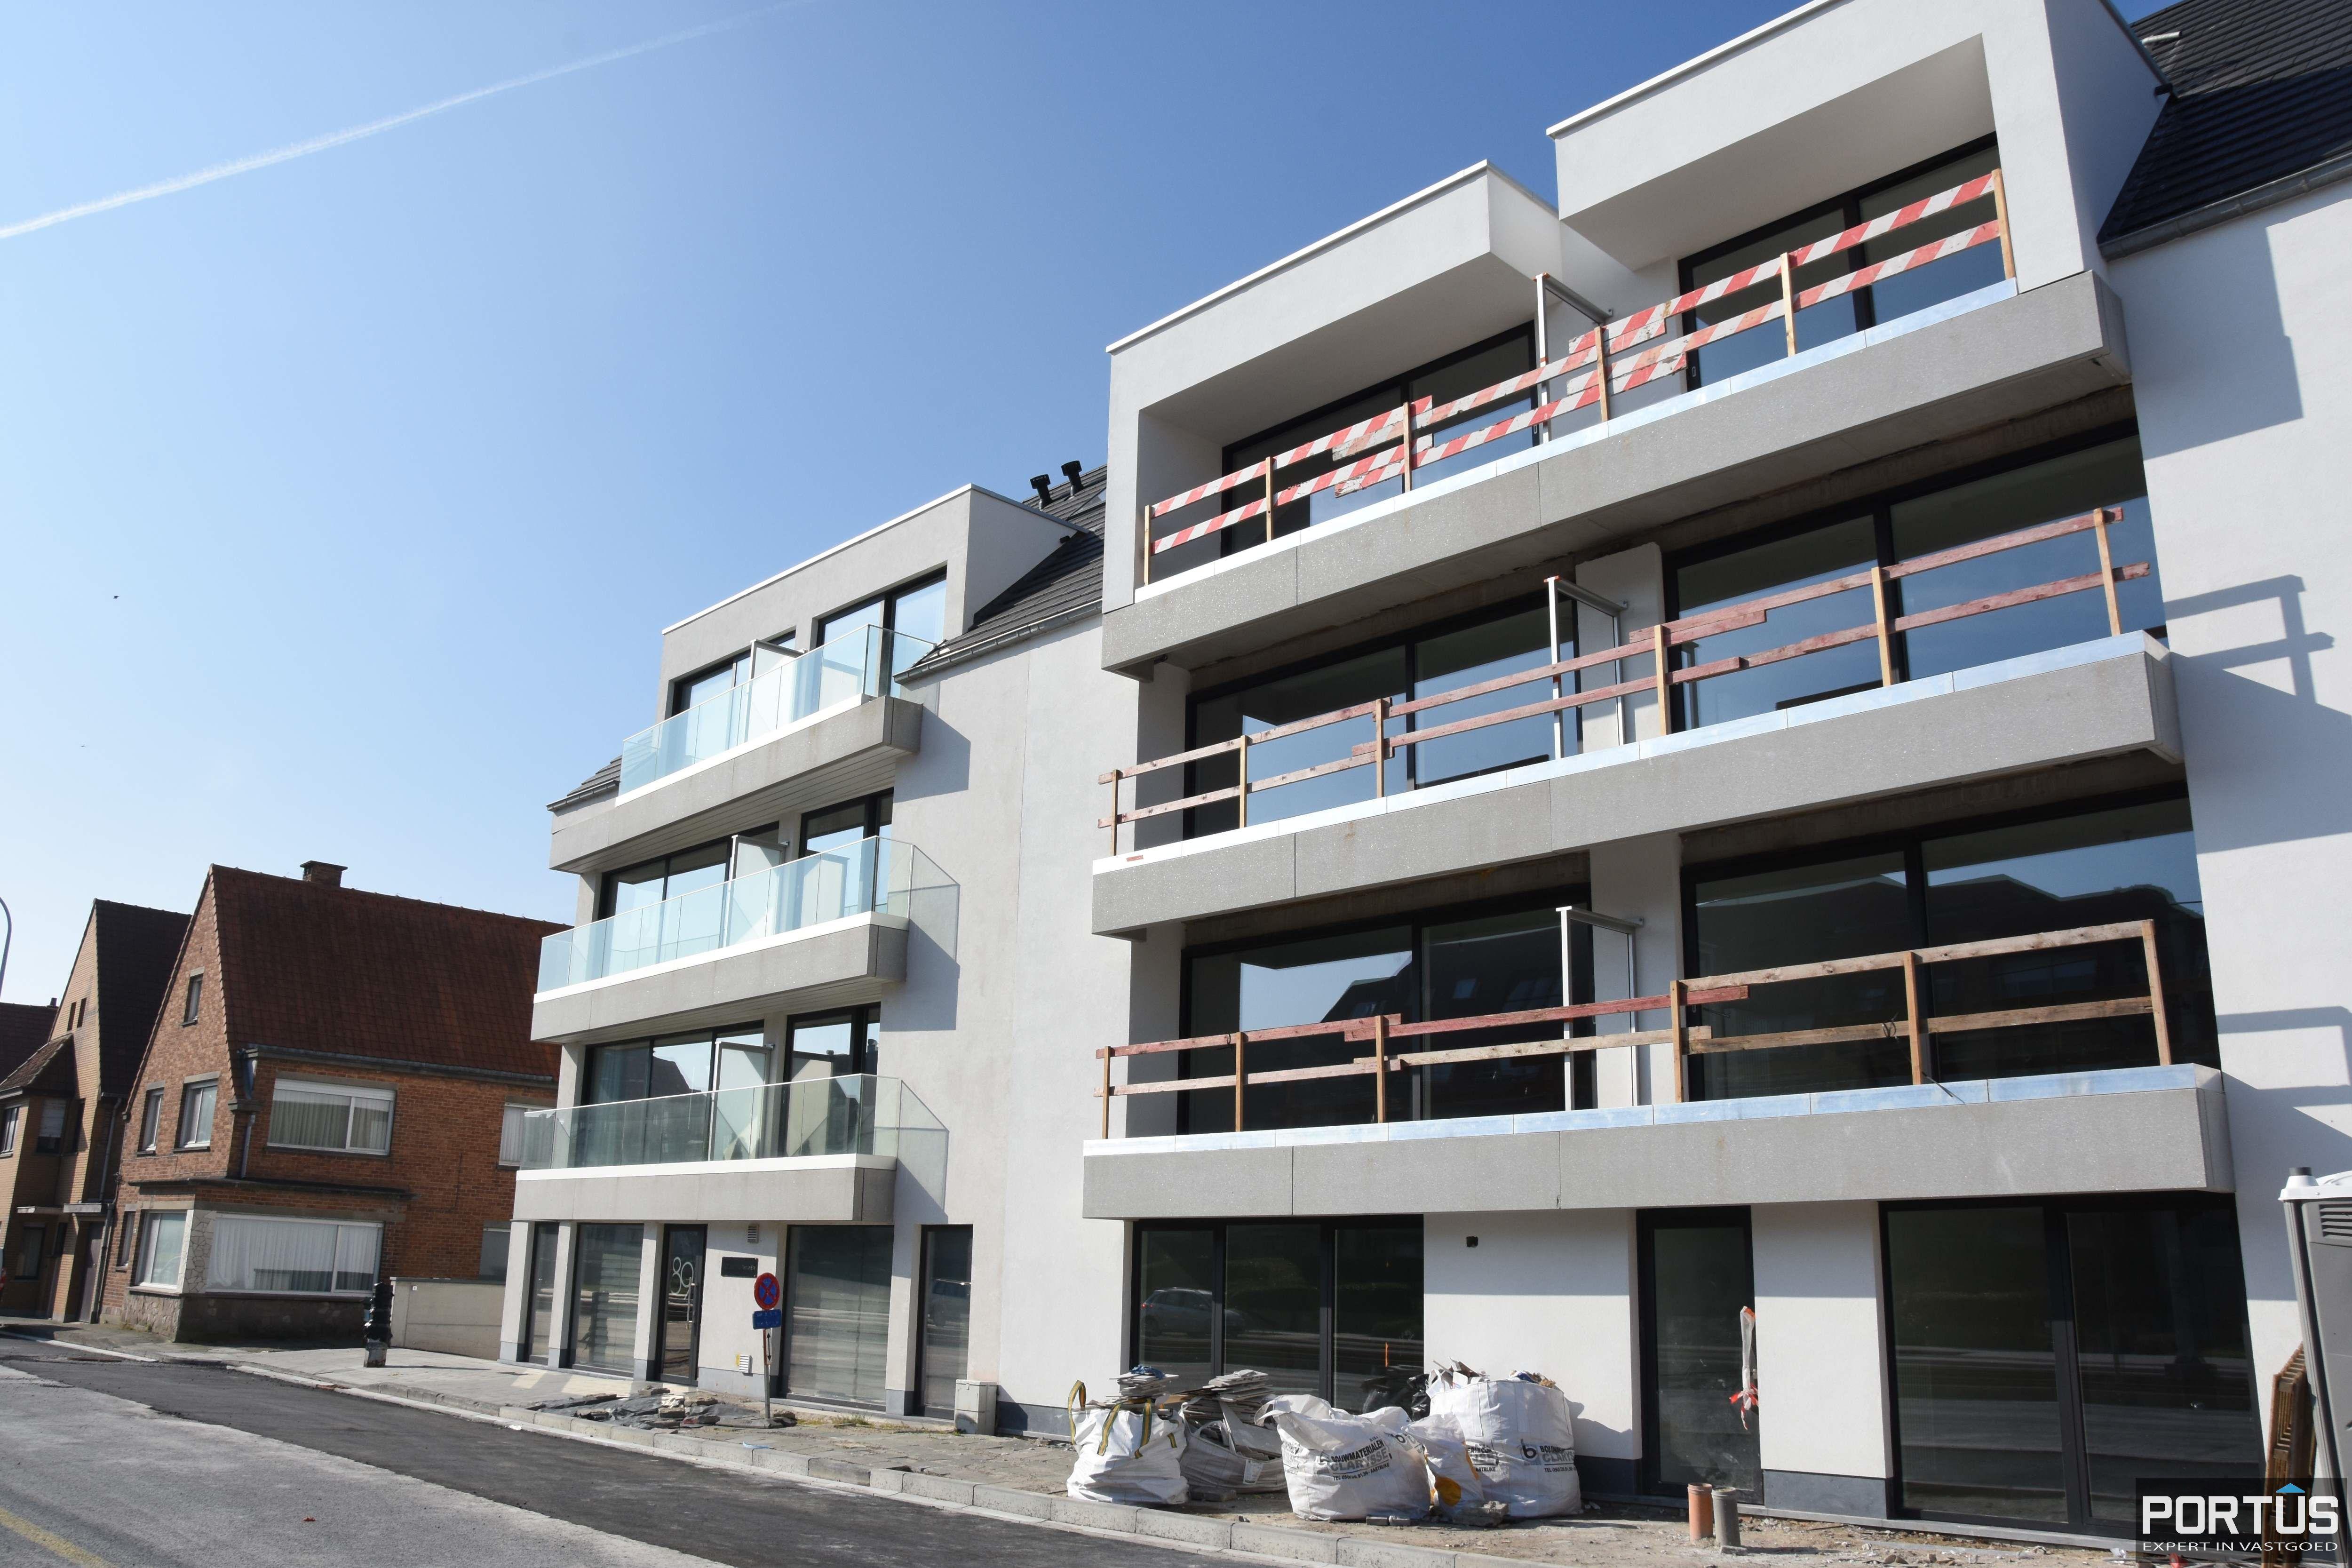 Recent appartement te huur met 3 slaapkamers, kelderberging en parking - 11107